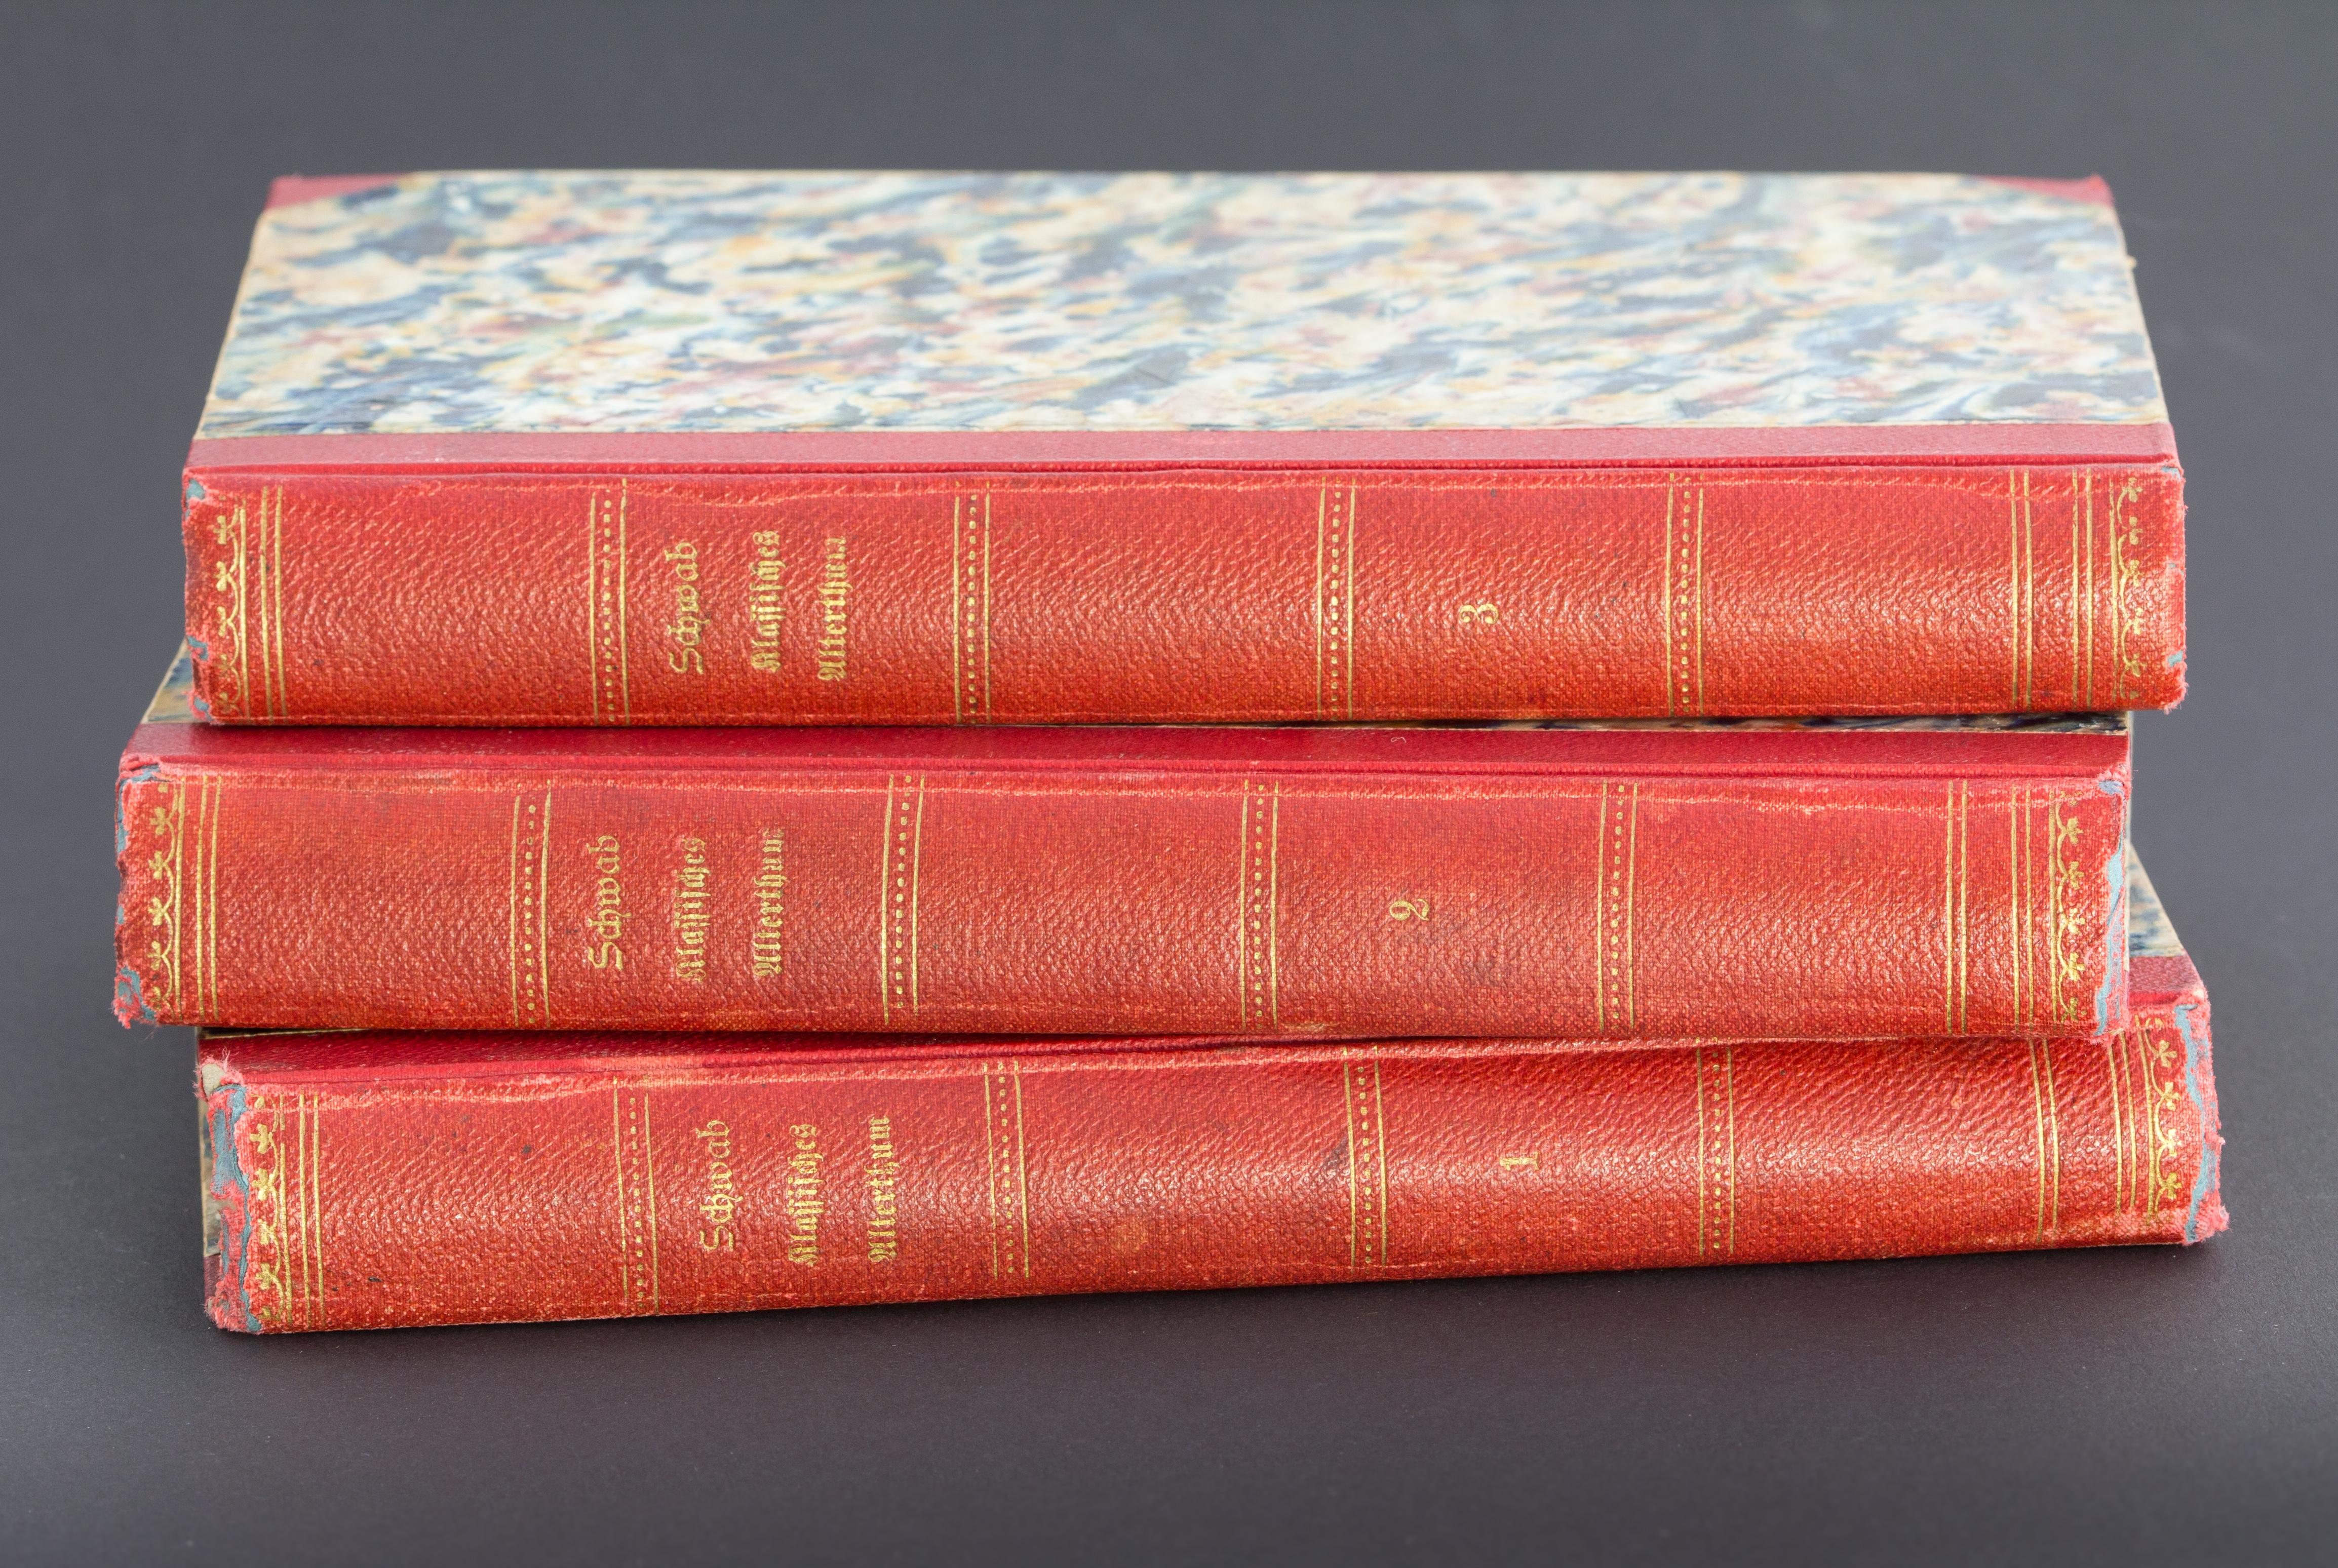 Schwabs Sagen des klassischen Altertums, Erstausgabe Buchrücken-6347.jpg